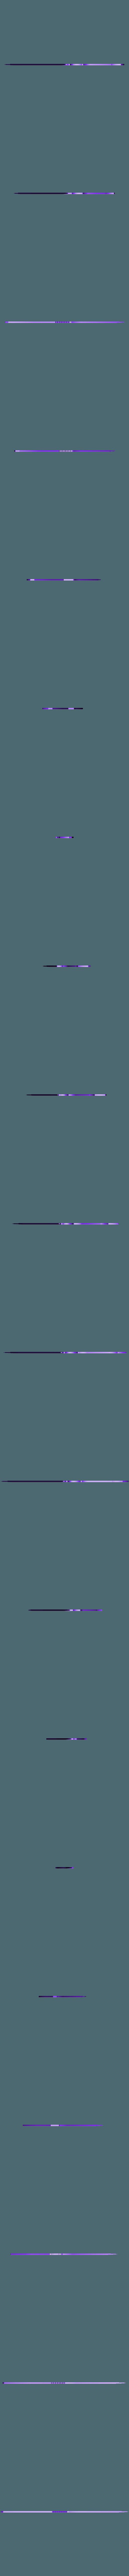 knife-body.stl Télécharger fichier STL gratuit Couteau CsGo • Modèle imprimable en 3D, marcossierra